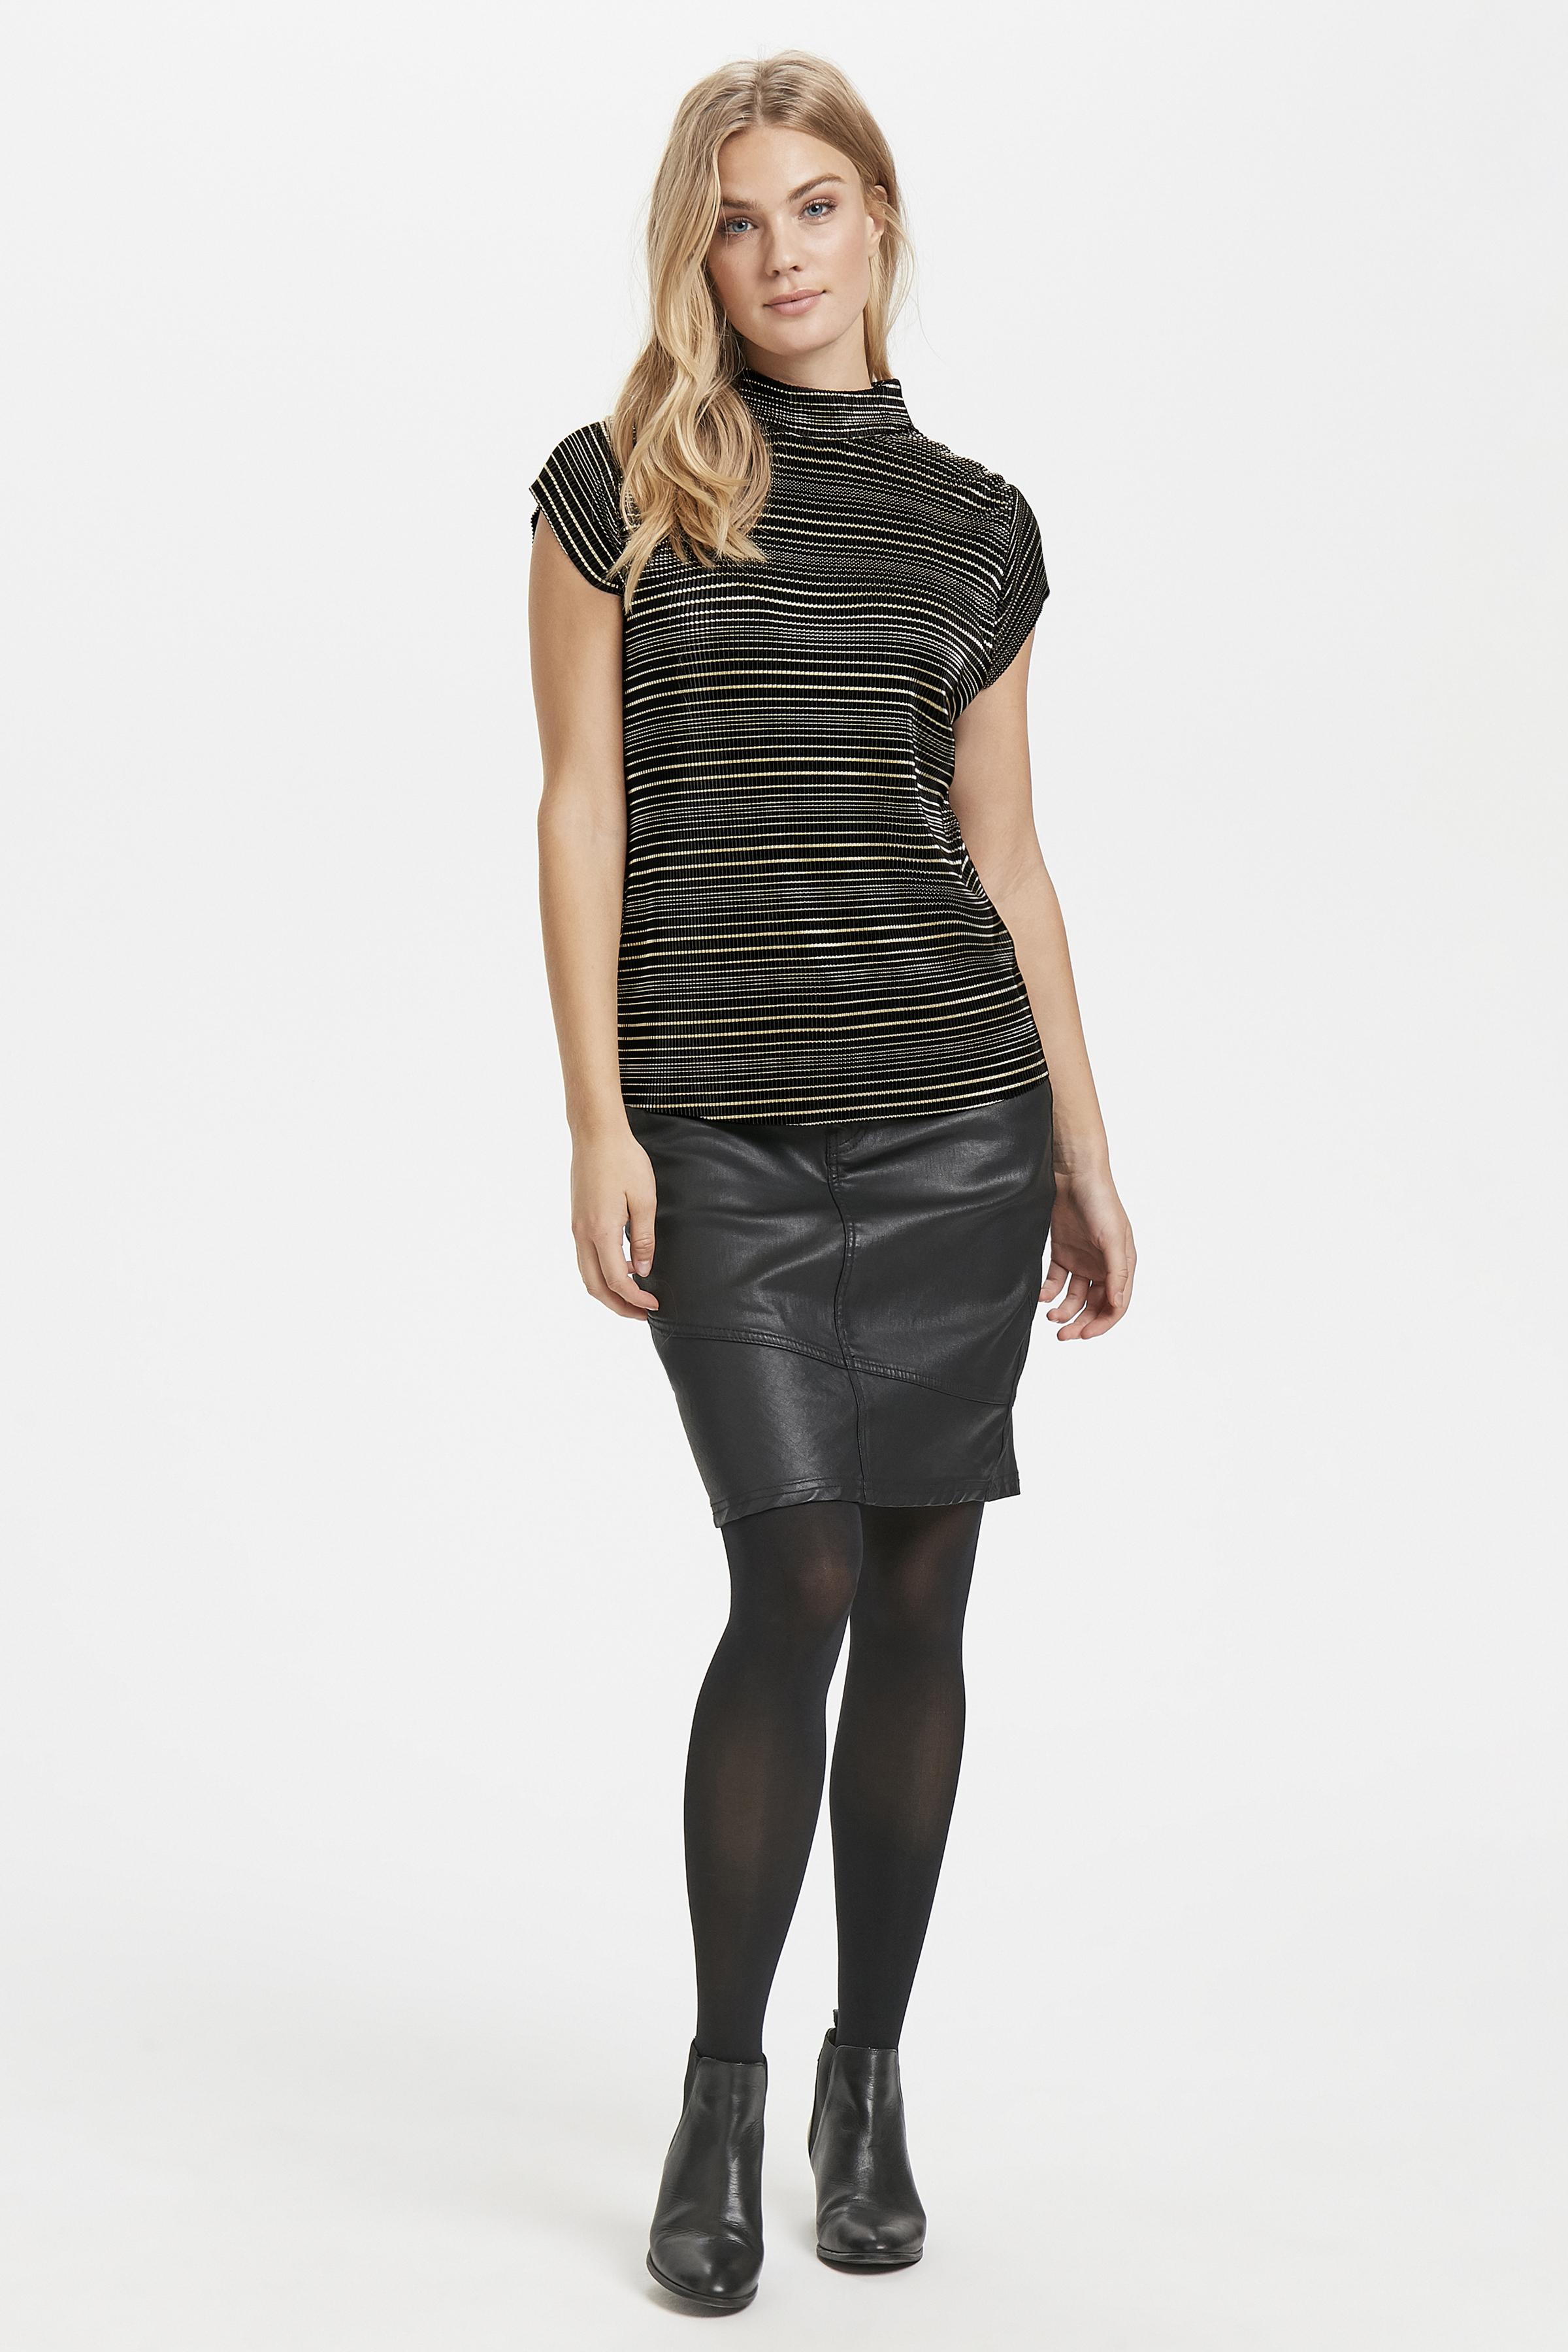 Schwarz/gold Kurzarm-Bluse von Dranella – Shoppen Sie Schwarz/gold Kurzarm-Bluse ab Gr. XS-XXL hier